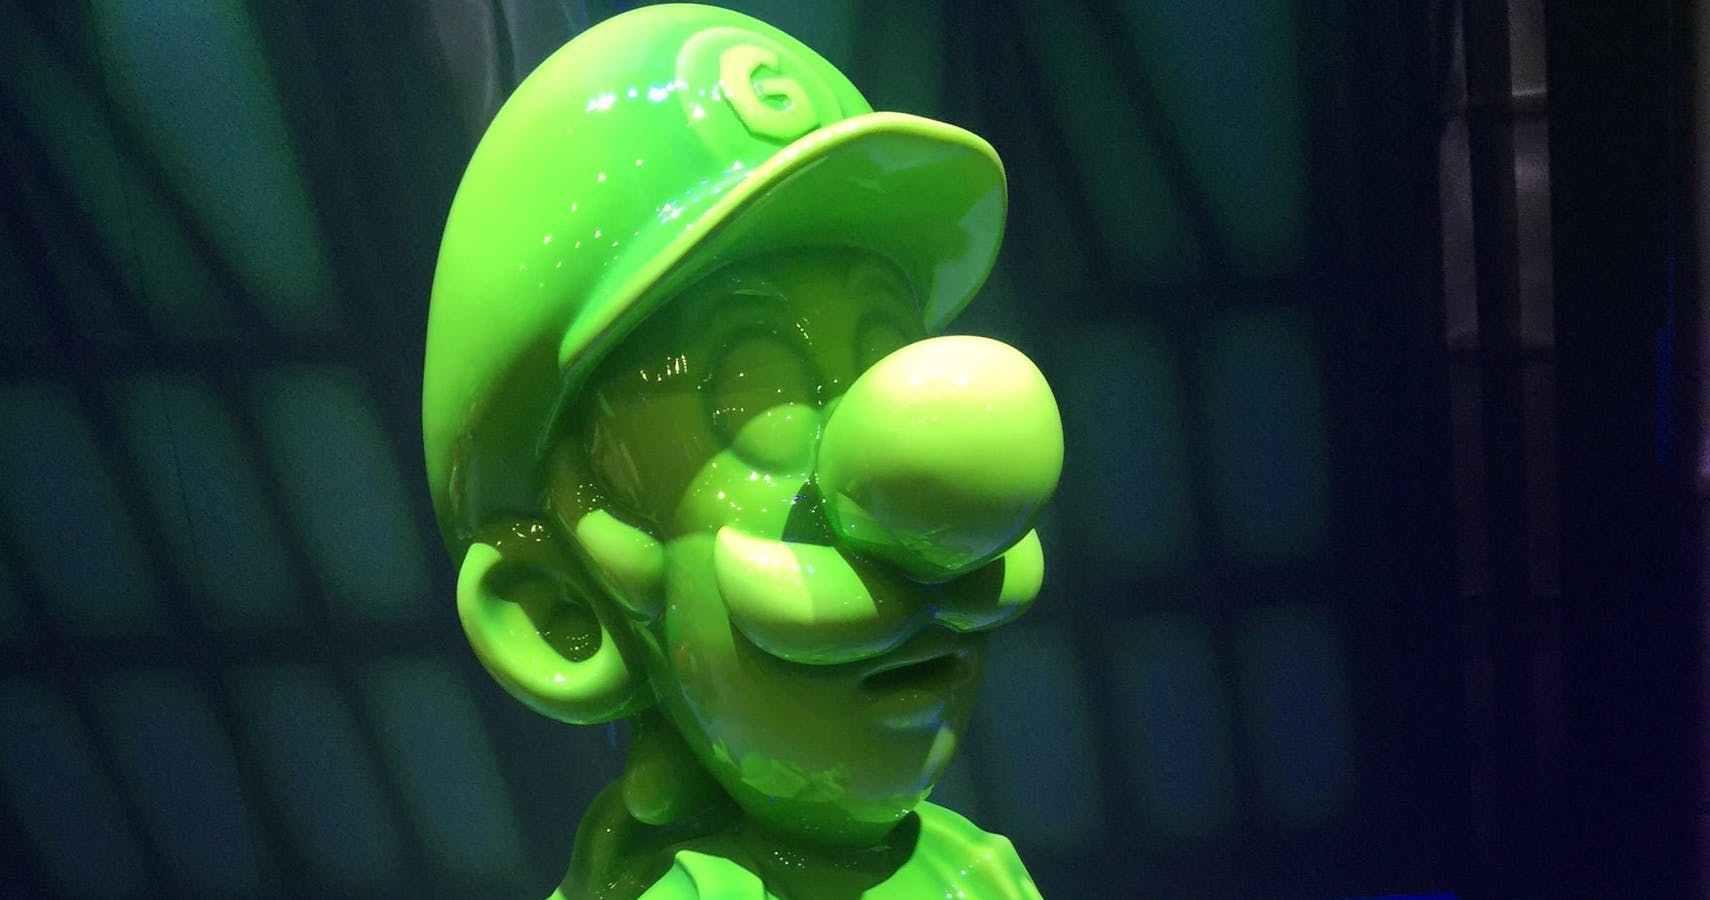 Luigi's Mansion 3 - Gooigi